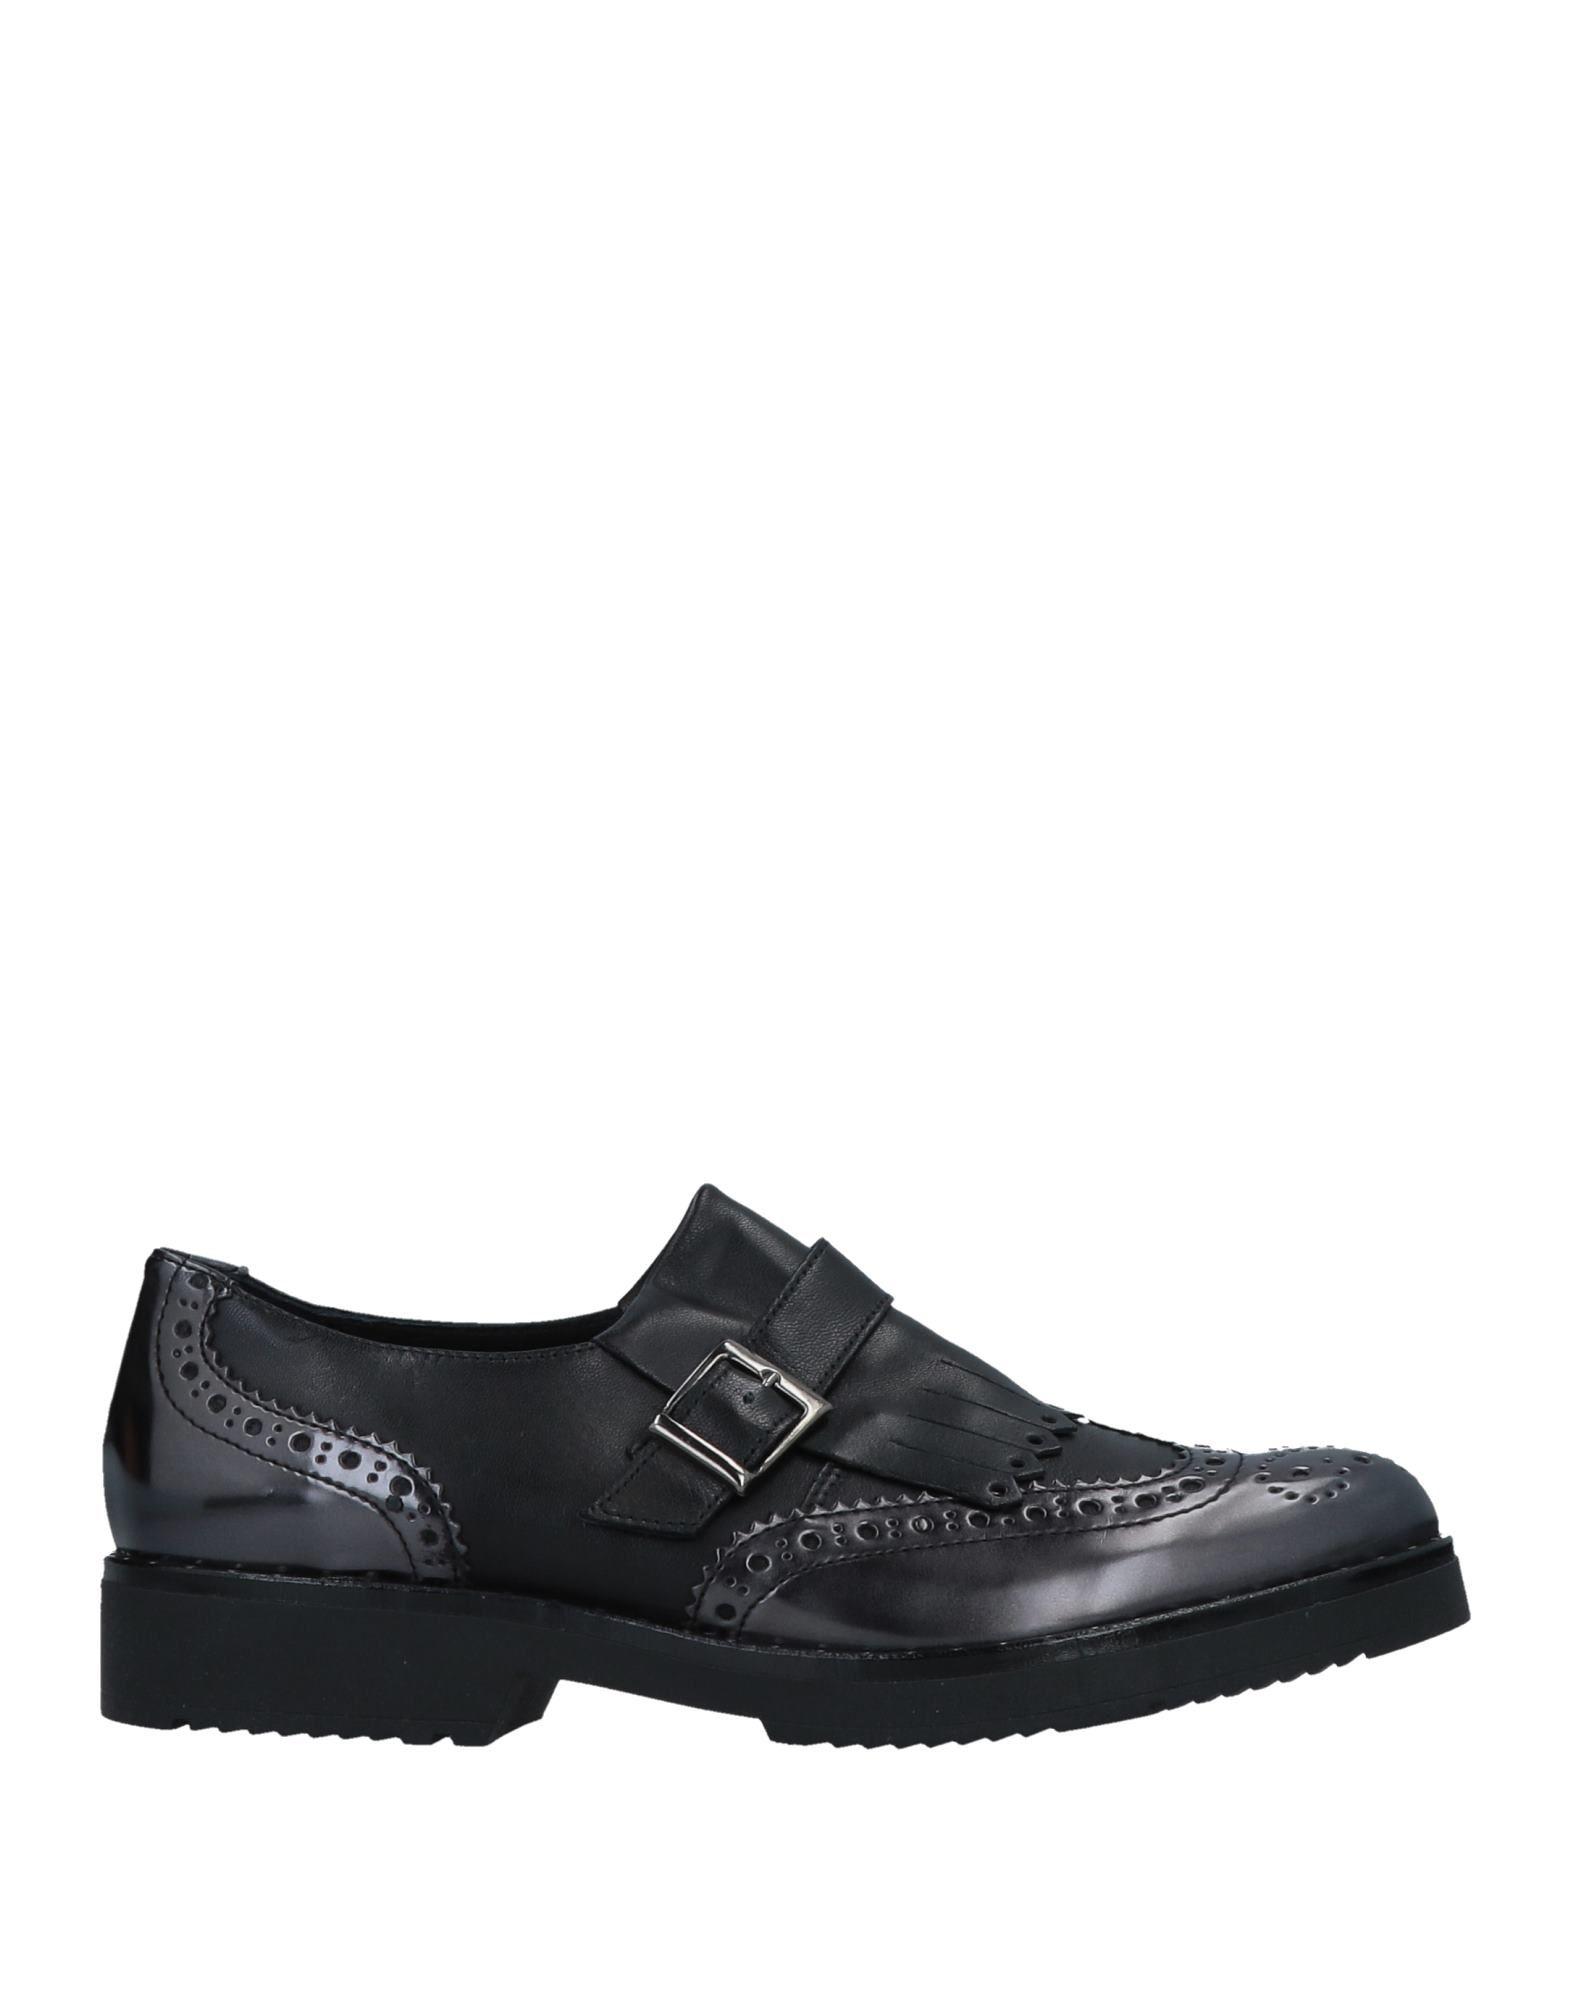 Bagatt Mokassins Damen  11510498HP Gute Qualität beliebte Schuhe